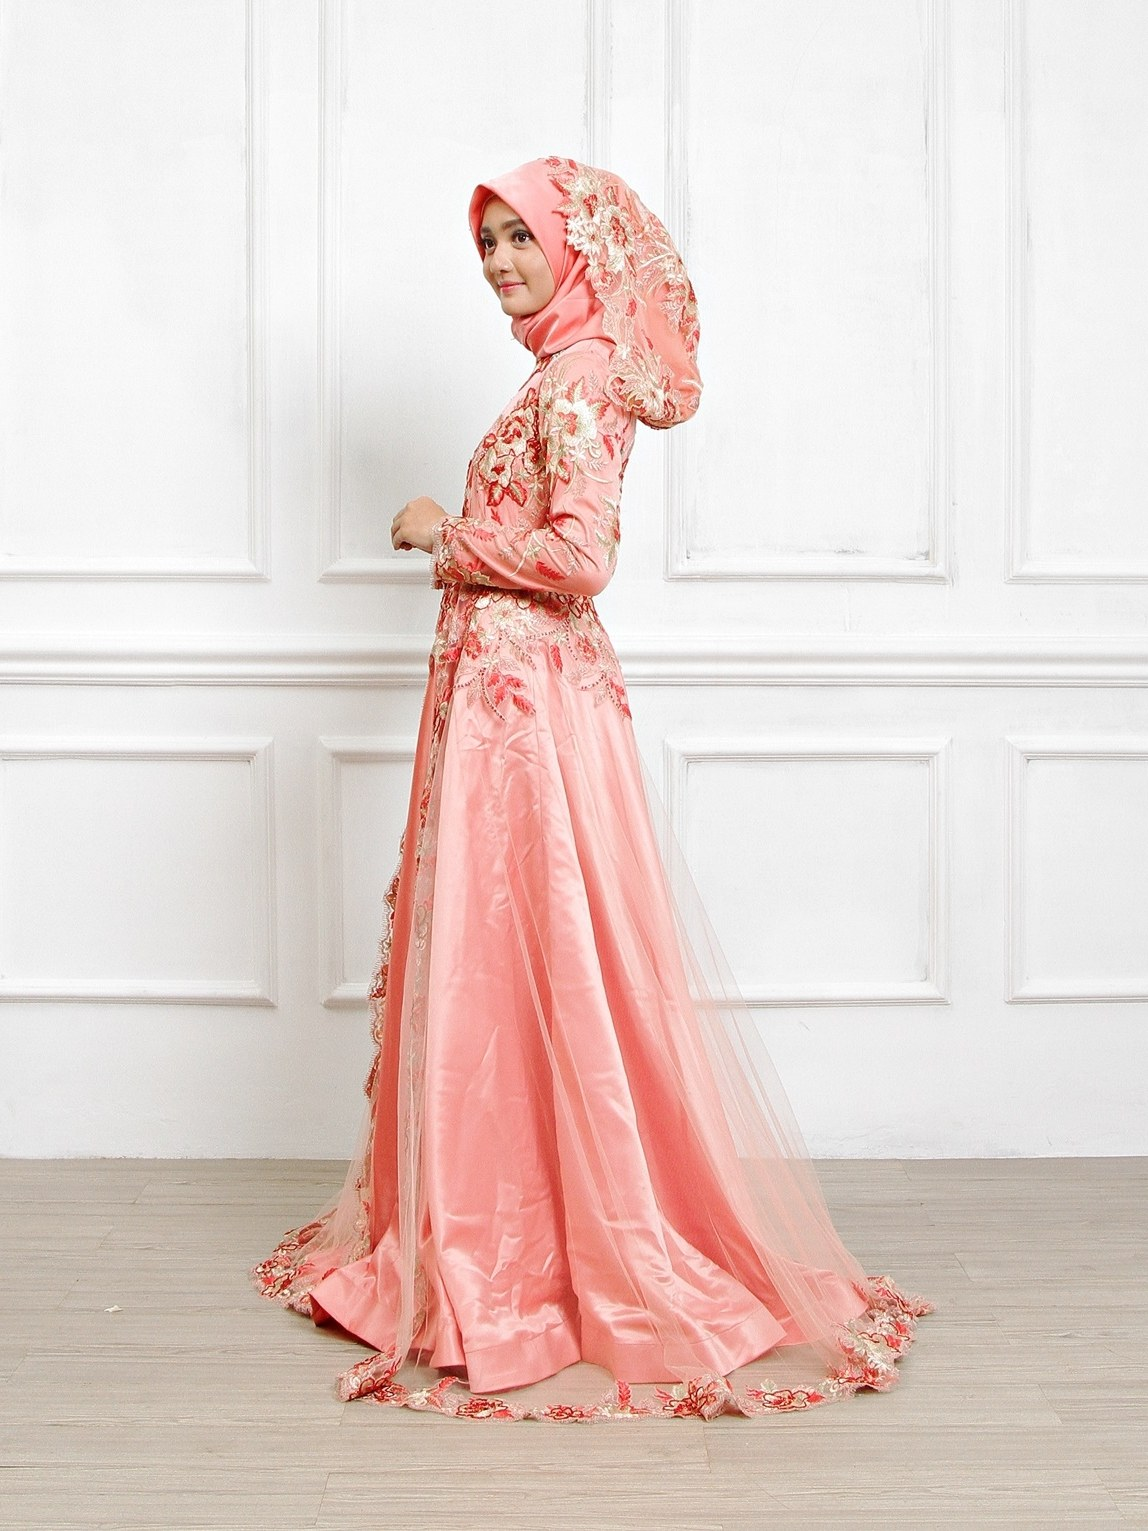 Bentuk Sewa Gaun Pengantin Muslimah Jogja O2d5 Sewa Perdana Baju Pengantin Muslimah Jogja Gaun Pengantin